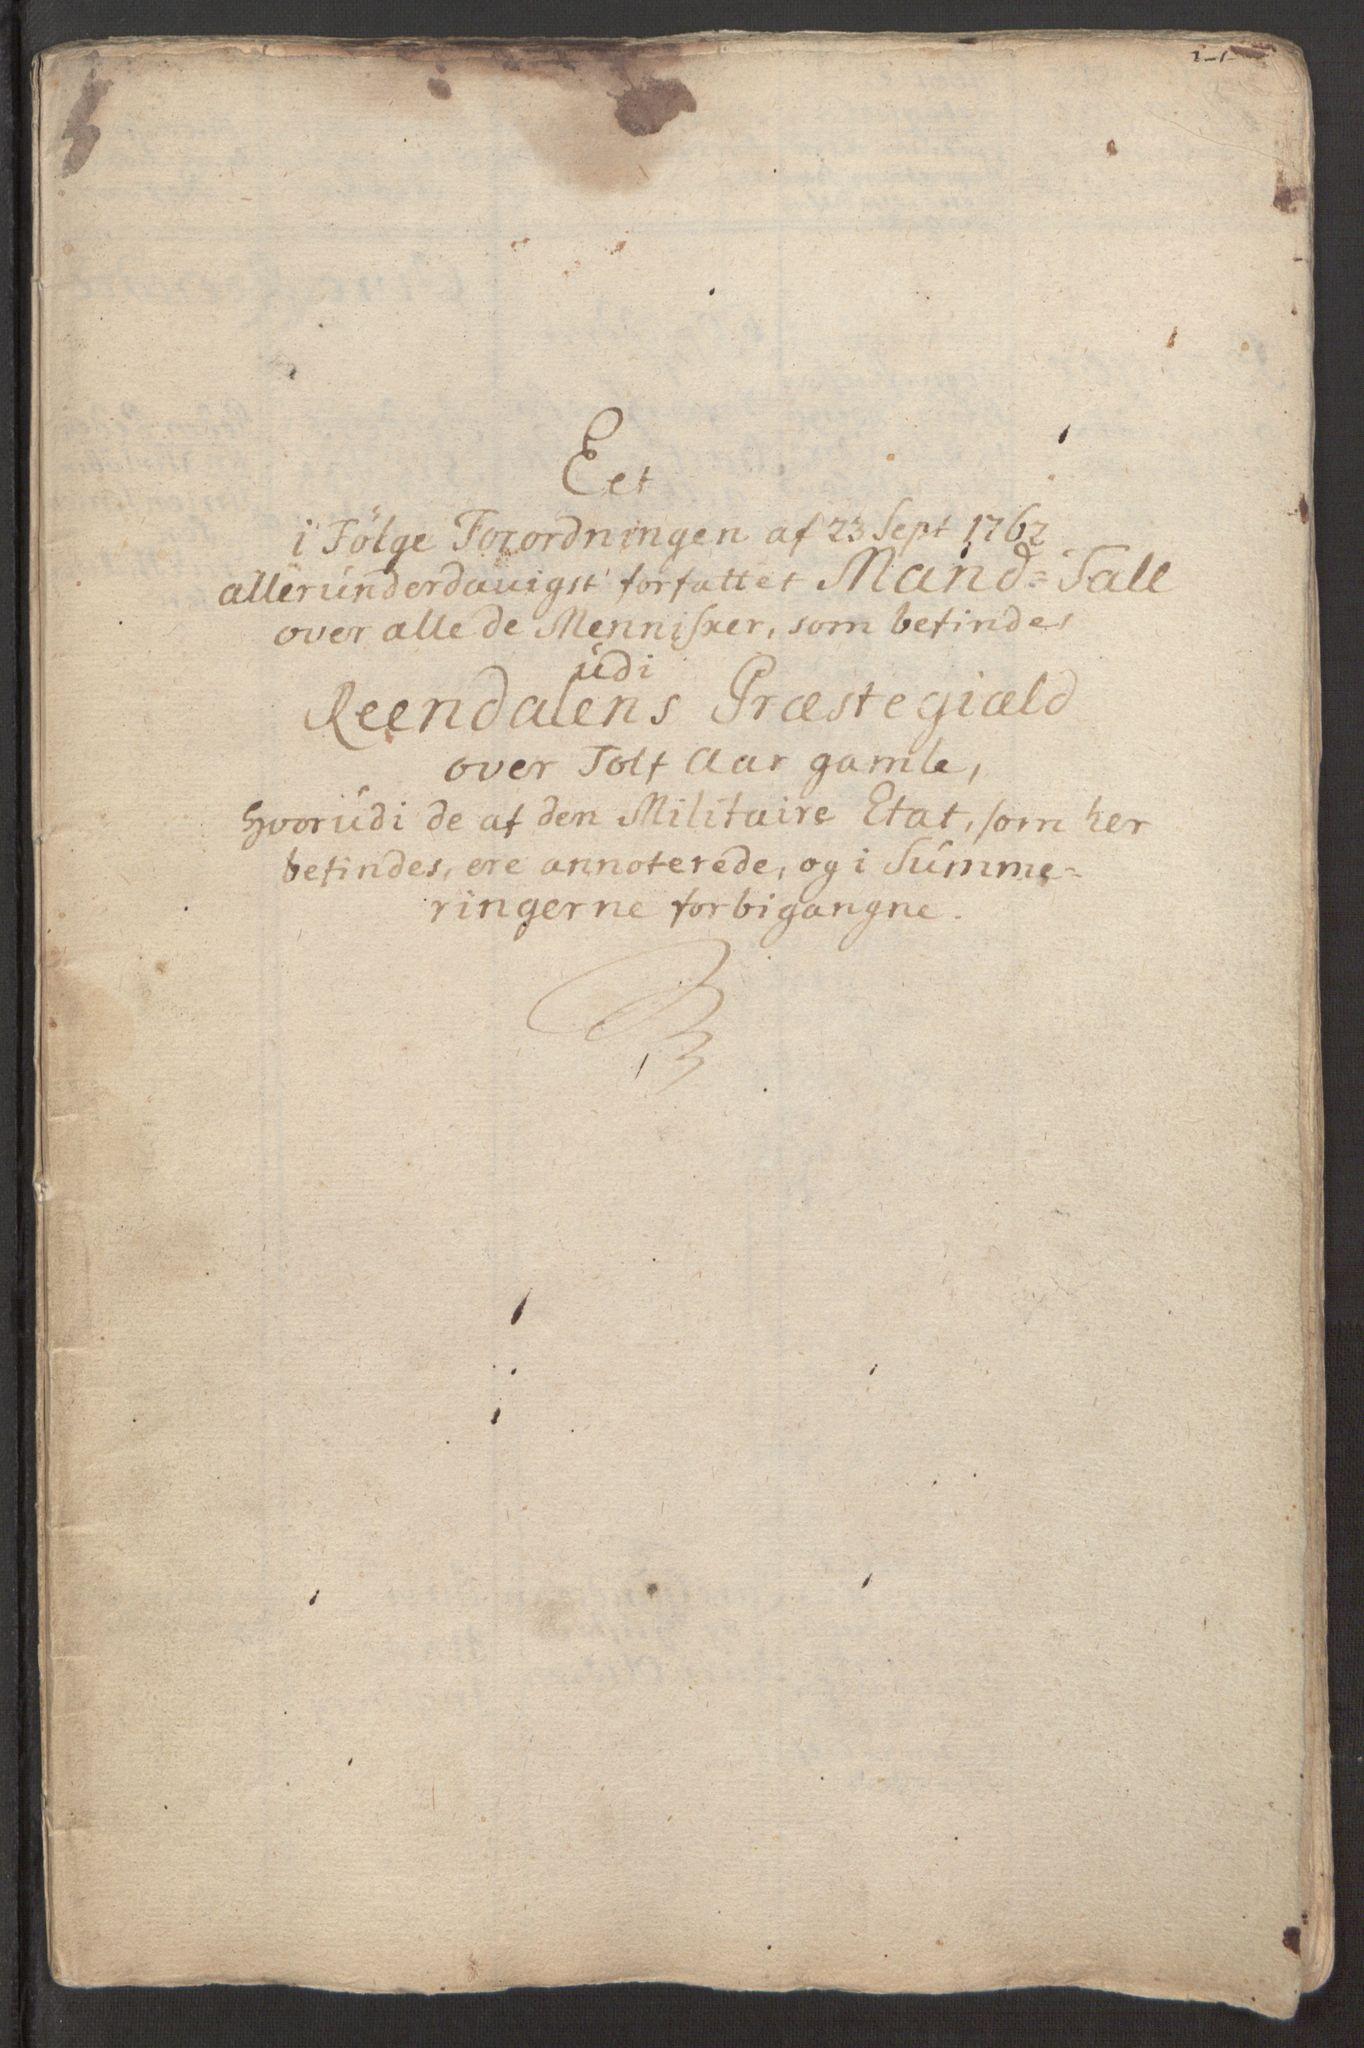 RA, Rentekammeret inntil 1814, Reviderte regnskaper, Fogderegnskap, R15/L1014: Ekstraskatten Østerdal, 1762-1764, s. 346